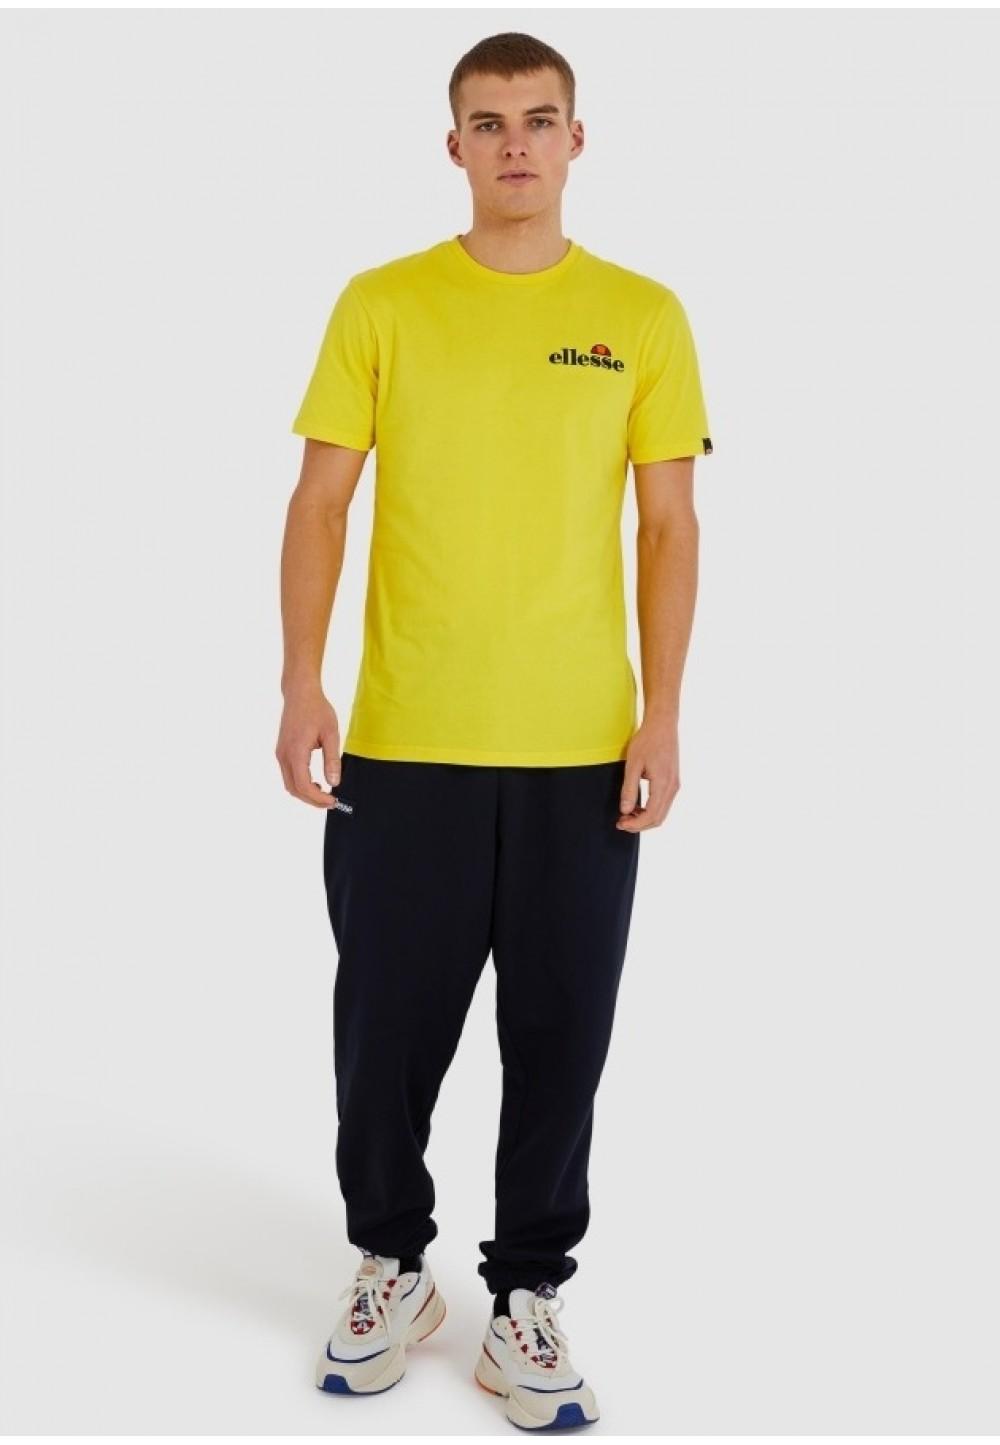 Жовта футболка з графічним принтом на спині